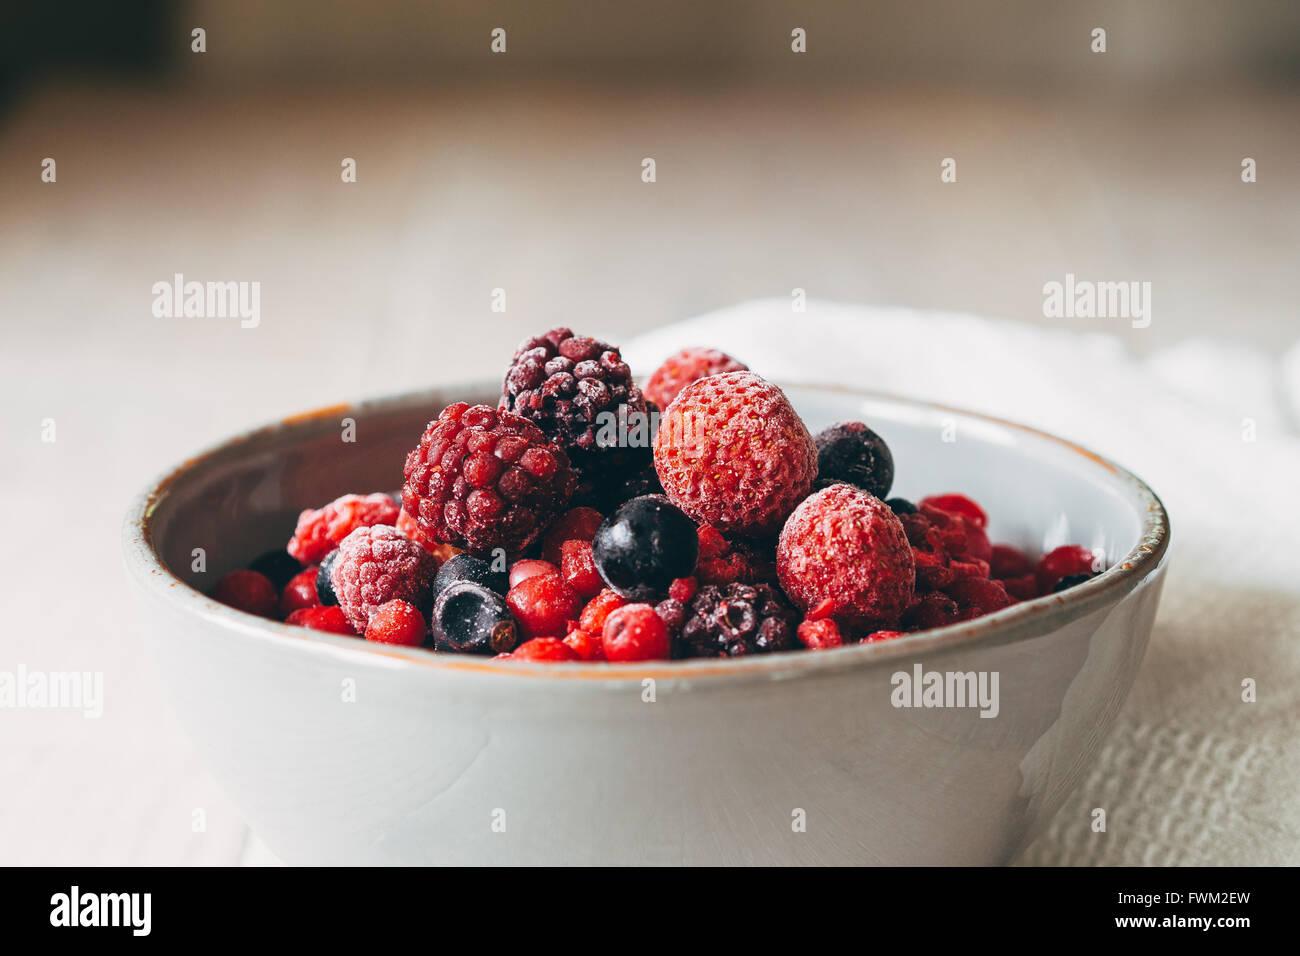 Primer plano de bayas en el tazón en la mesa Imagen De Stock